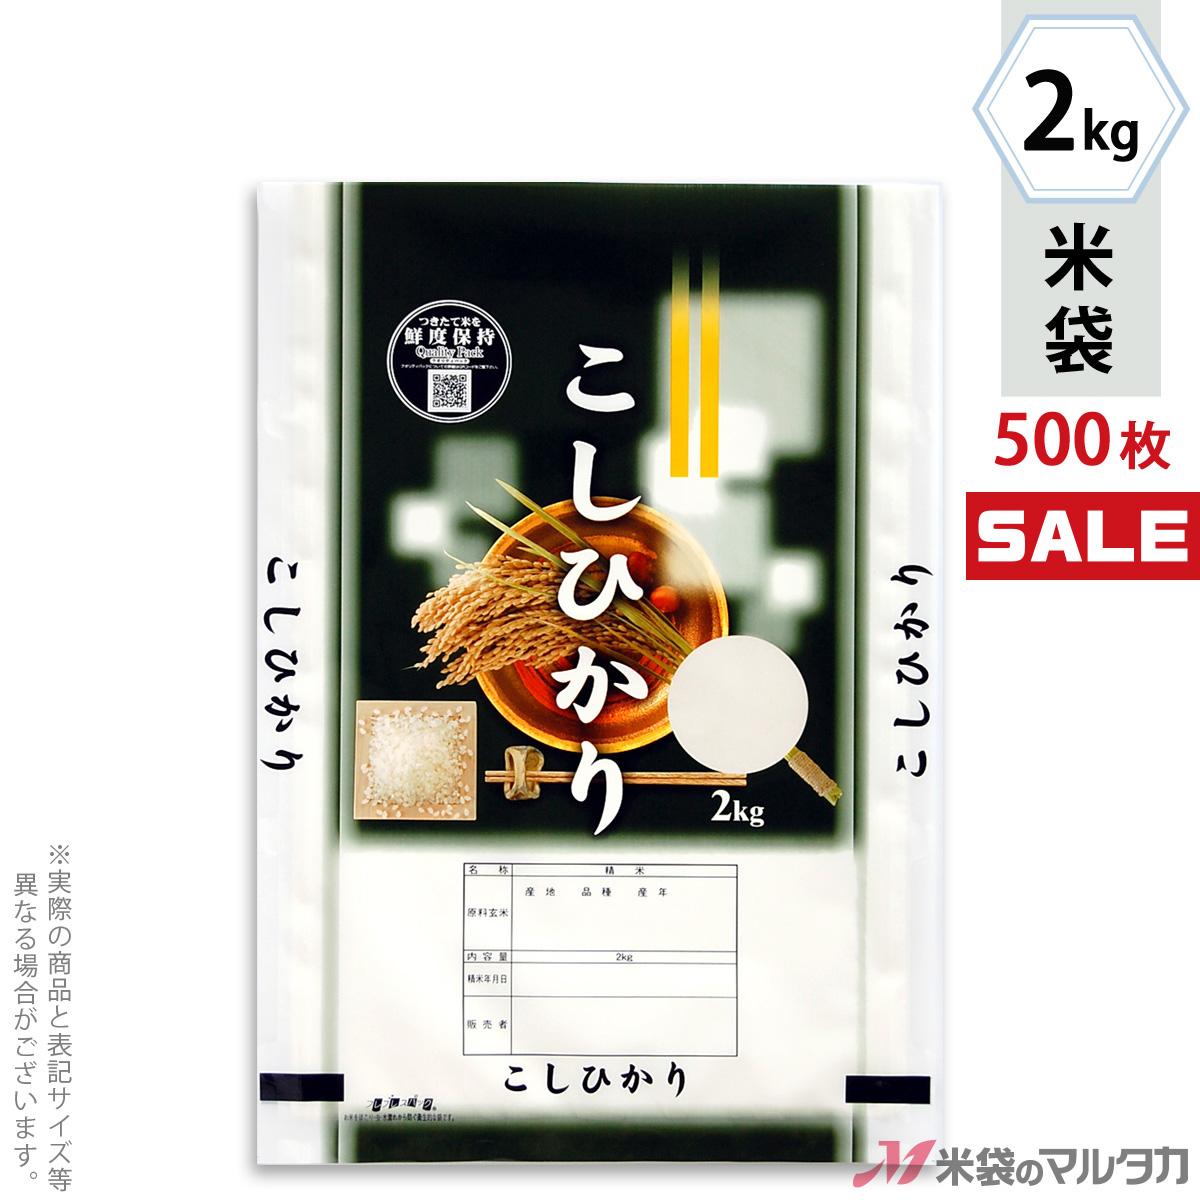 <キャンペーン対応>米袋 クオリティラミ フレブレス こしひかり 翡翠 2kg 1ケース(500枚入) MQ-0002